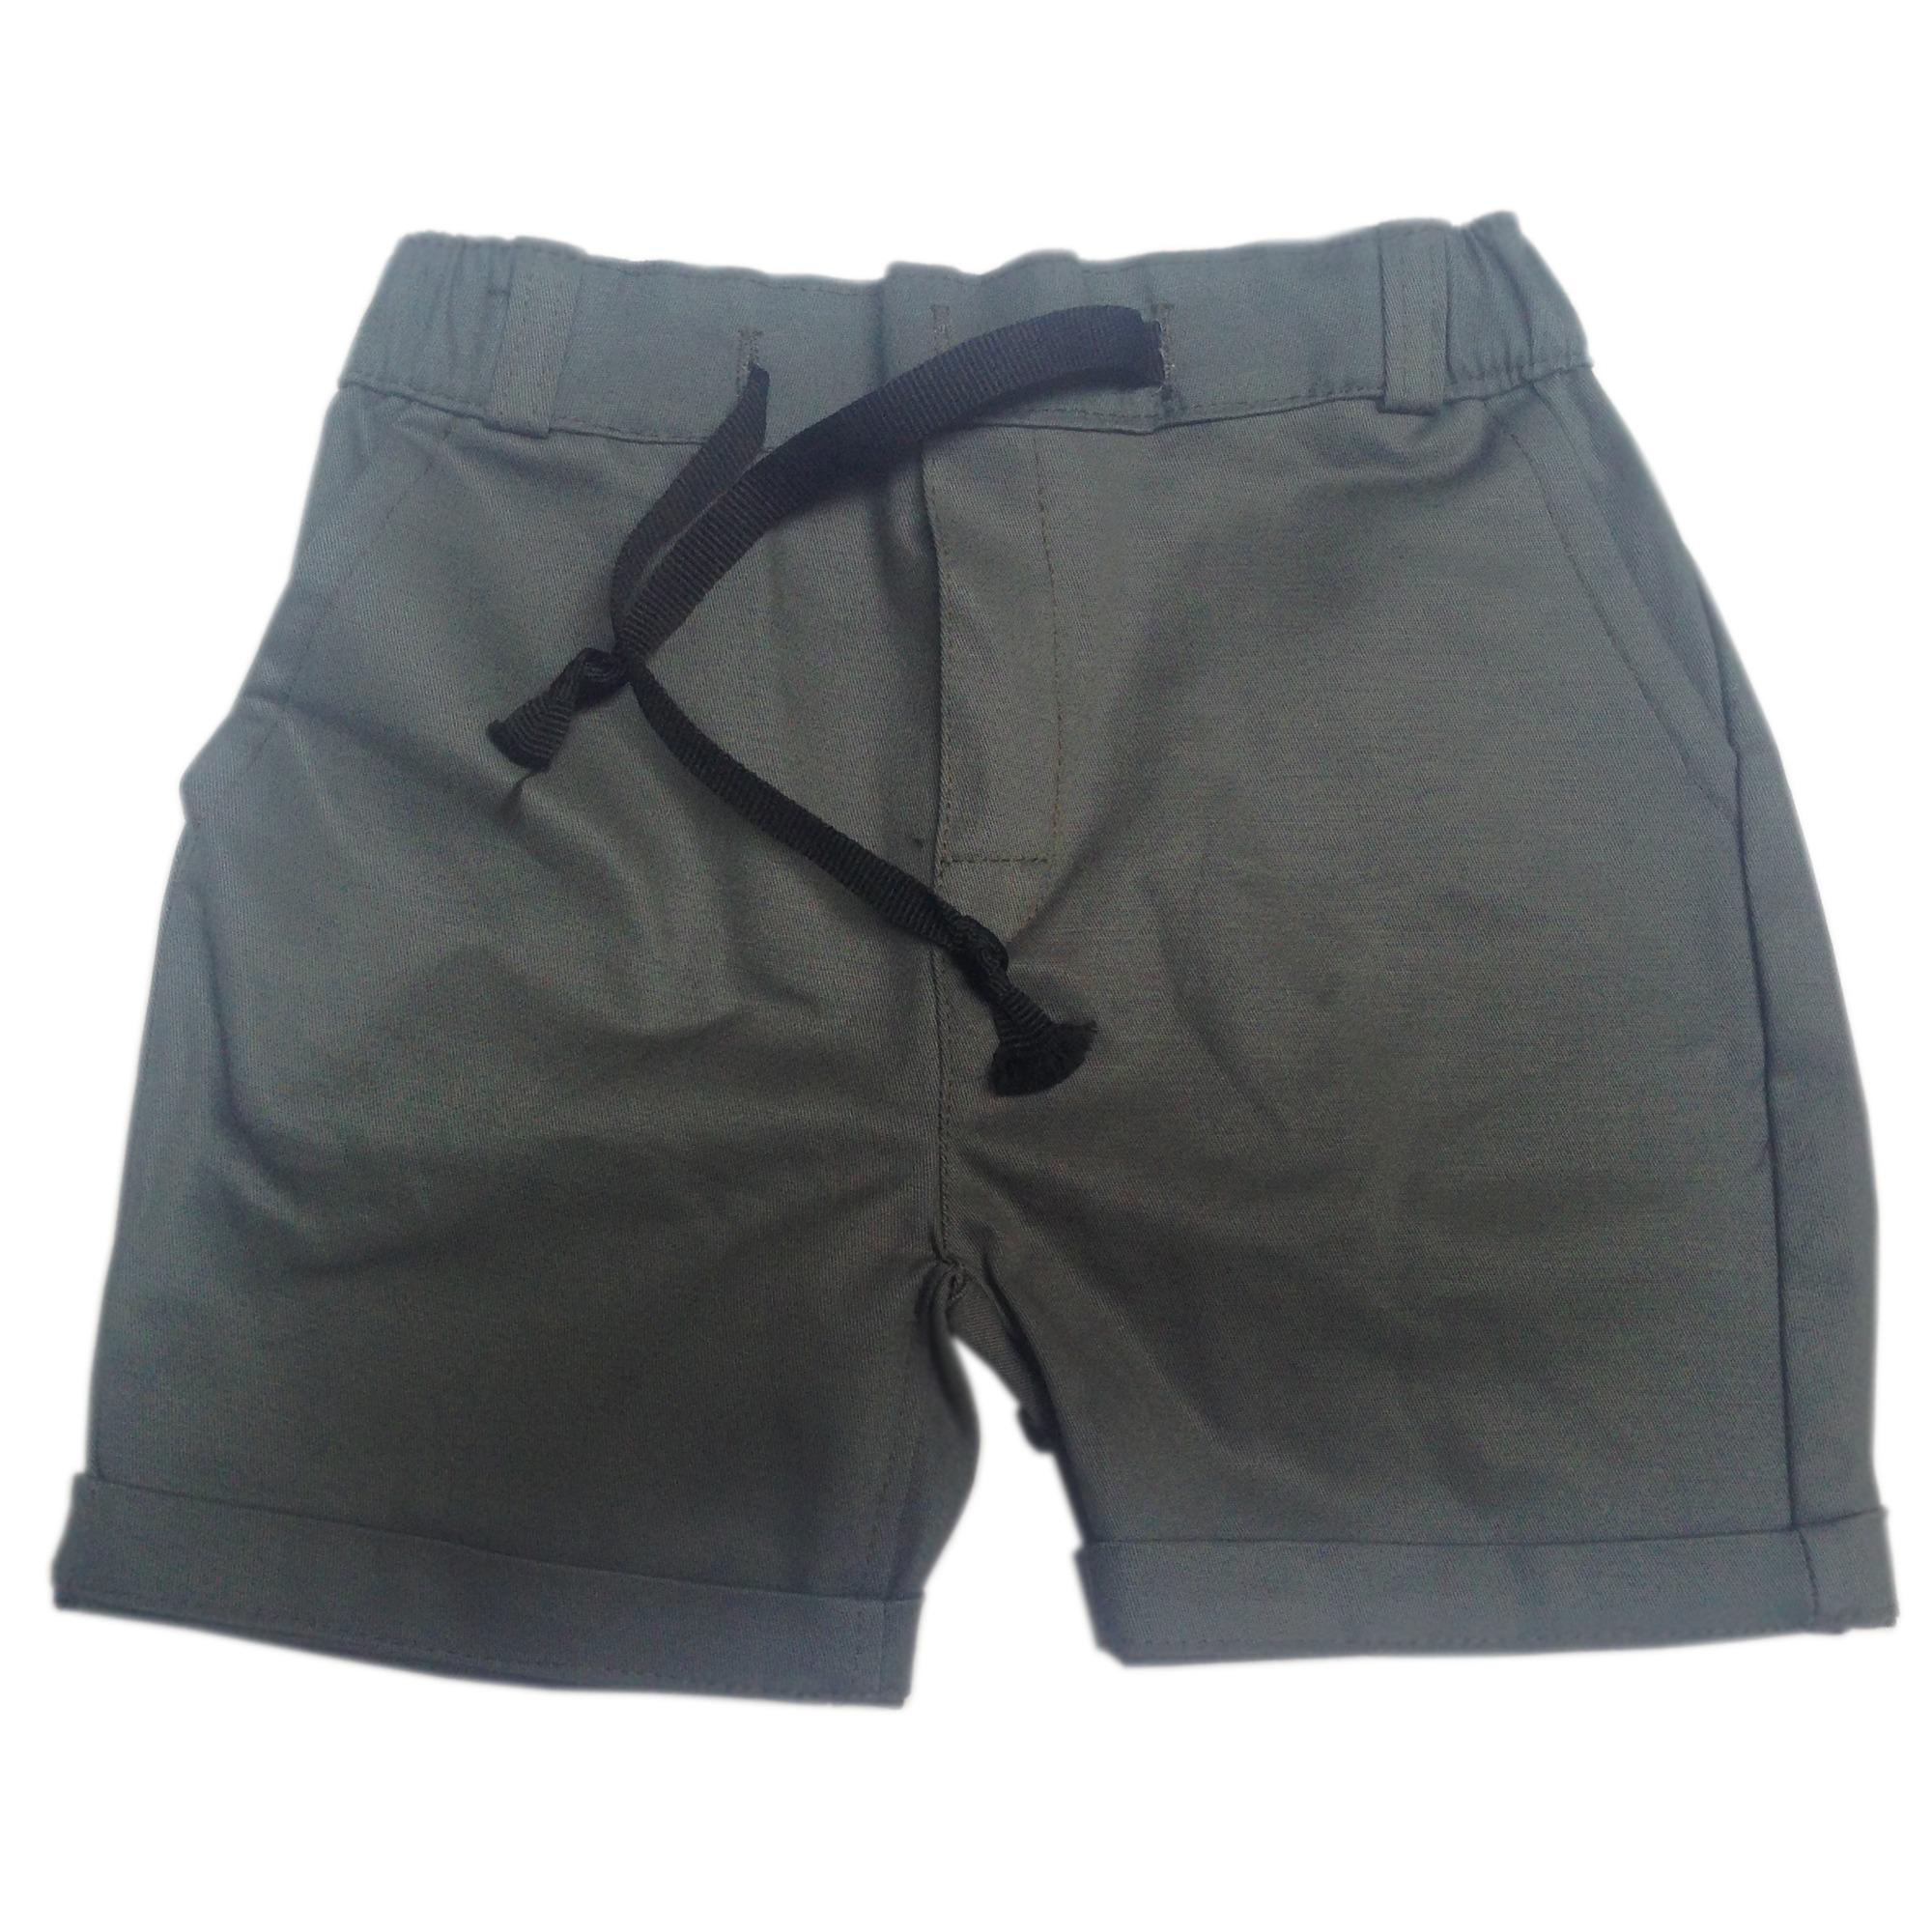 Quần sóc body cho bé trai Made in VietNam - màu bộ đội